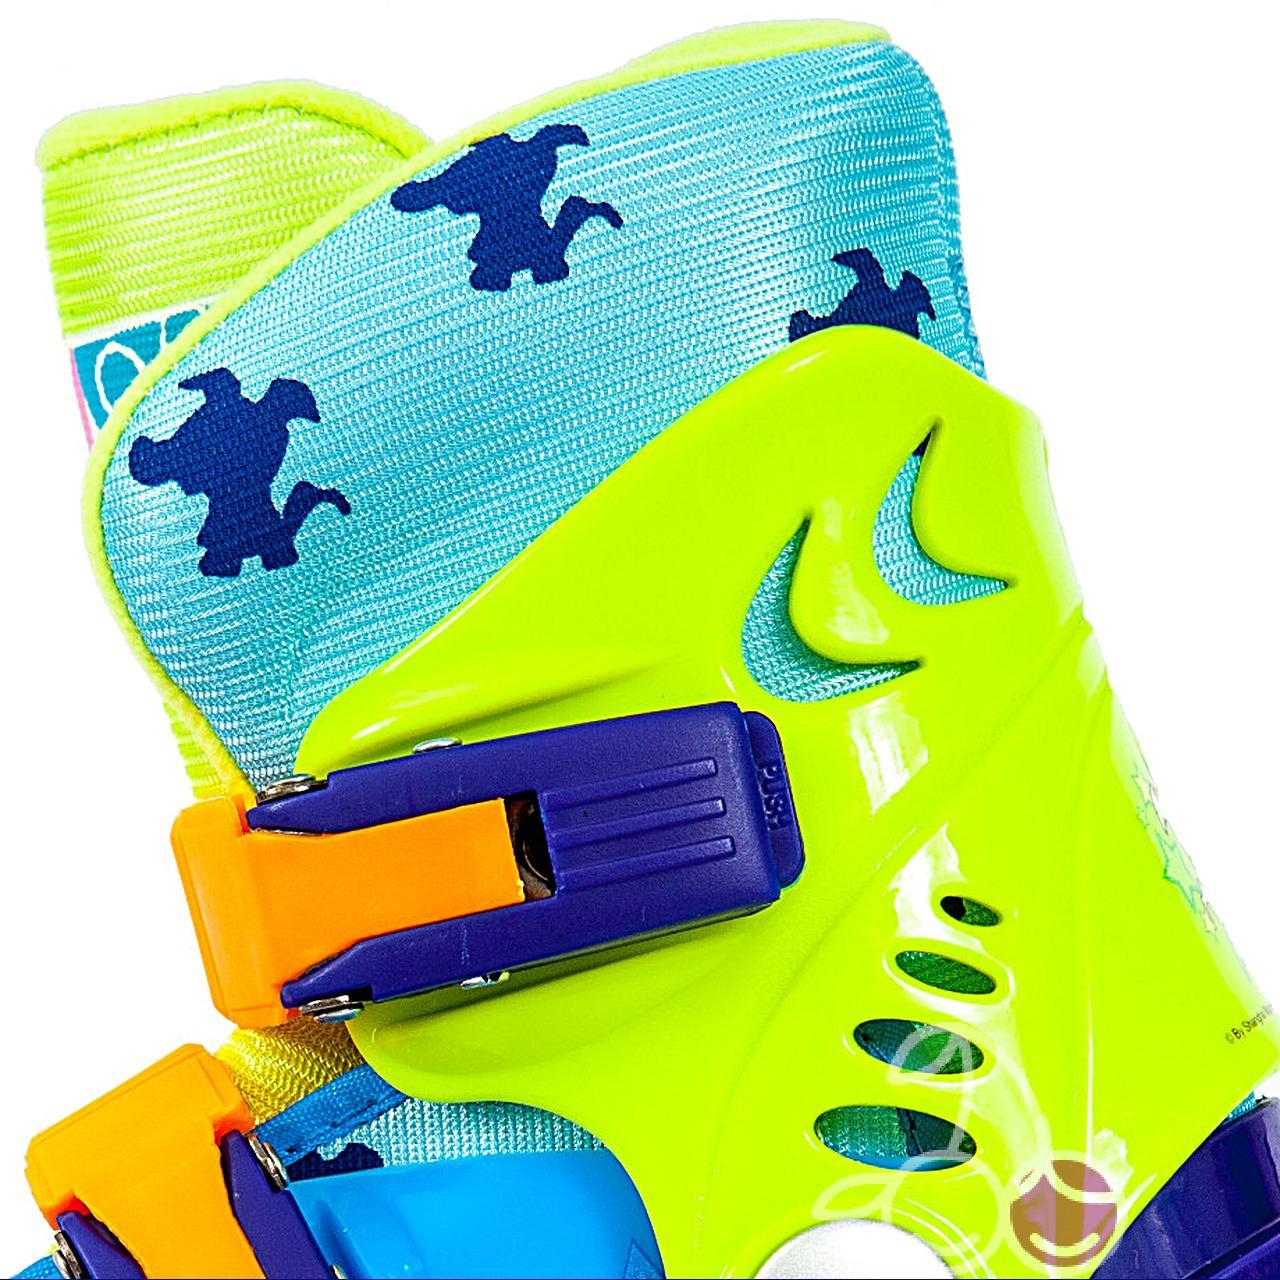 Роликовые коньки детские 26 размер, для обучения (трехколесные, раздвижной ботинок) MagicWheels зеленые, - фото 3